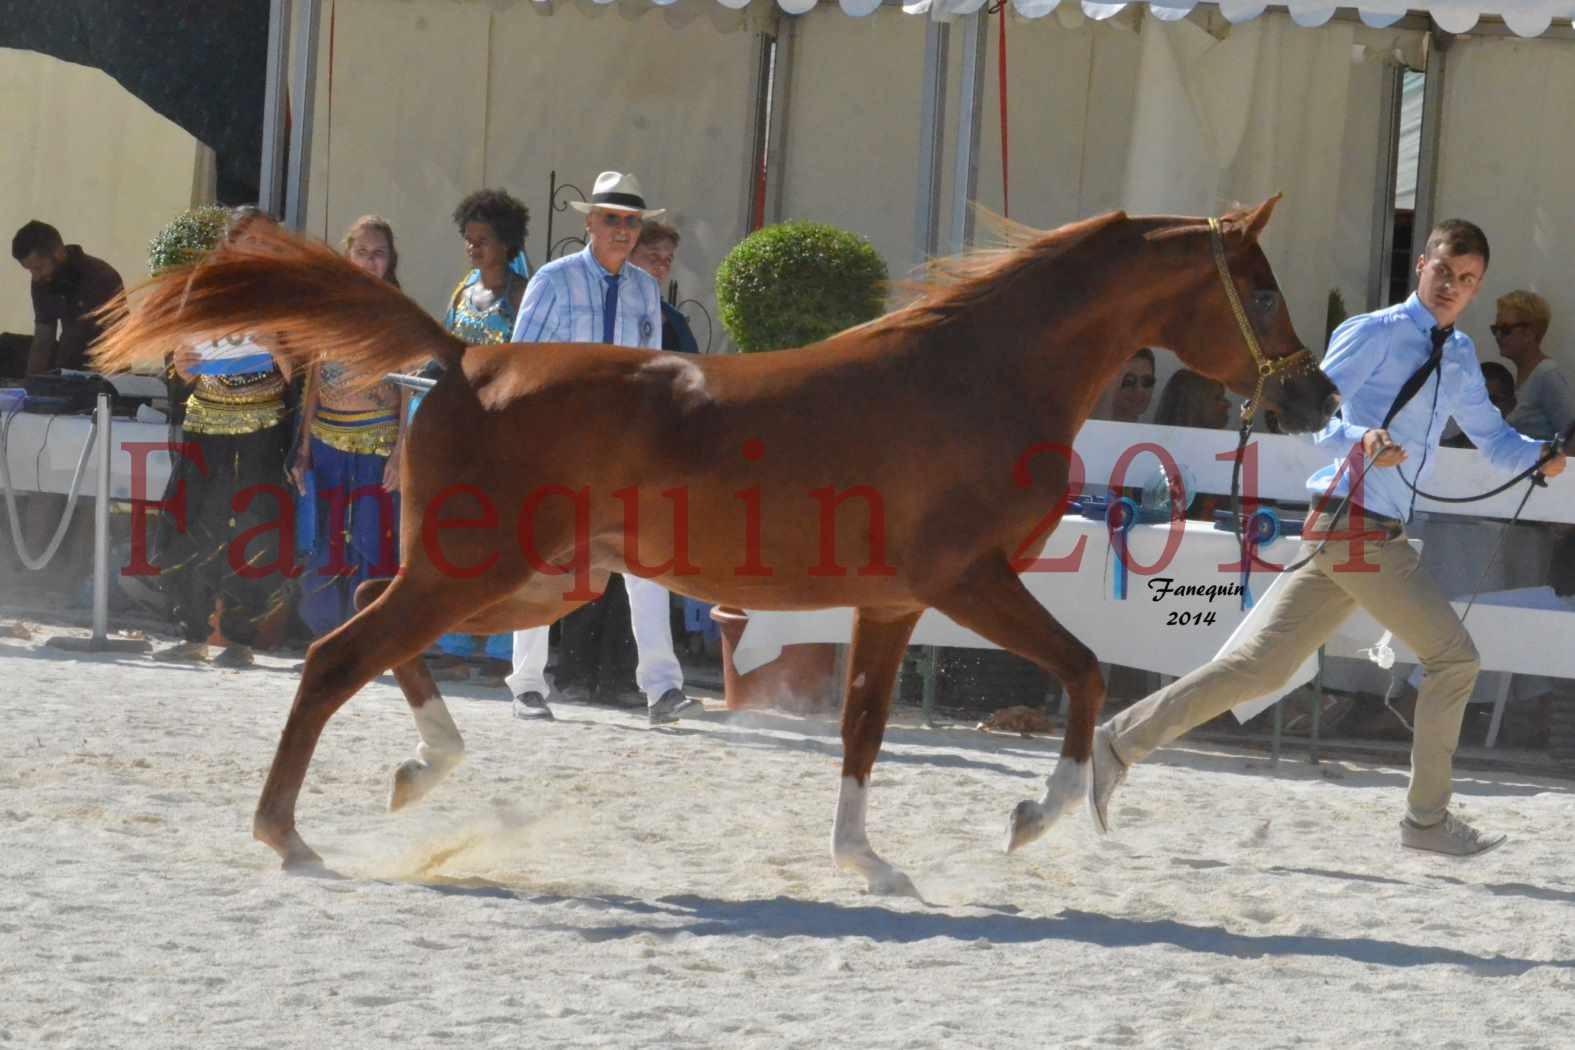 Concours National de Nîmes de chevaux ARABES 2014 - Notre Sélection - DZHARI NUNKI - 10